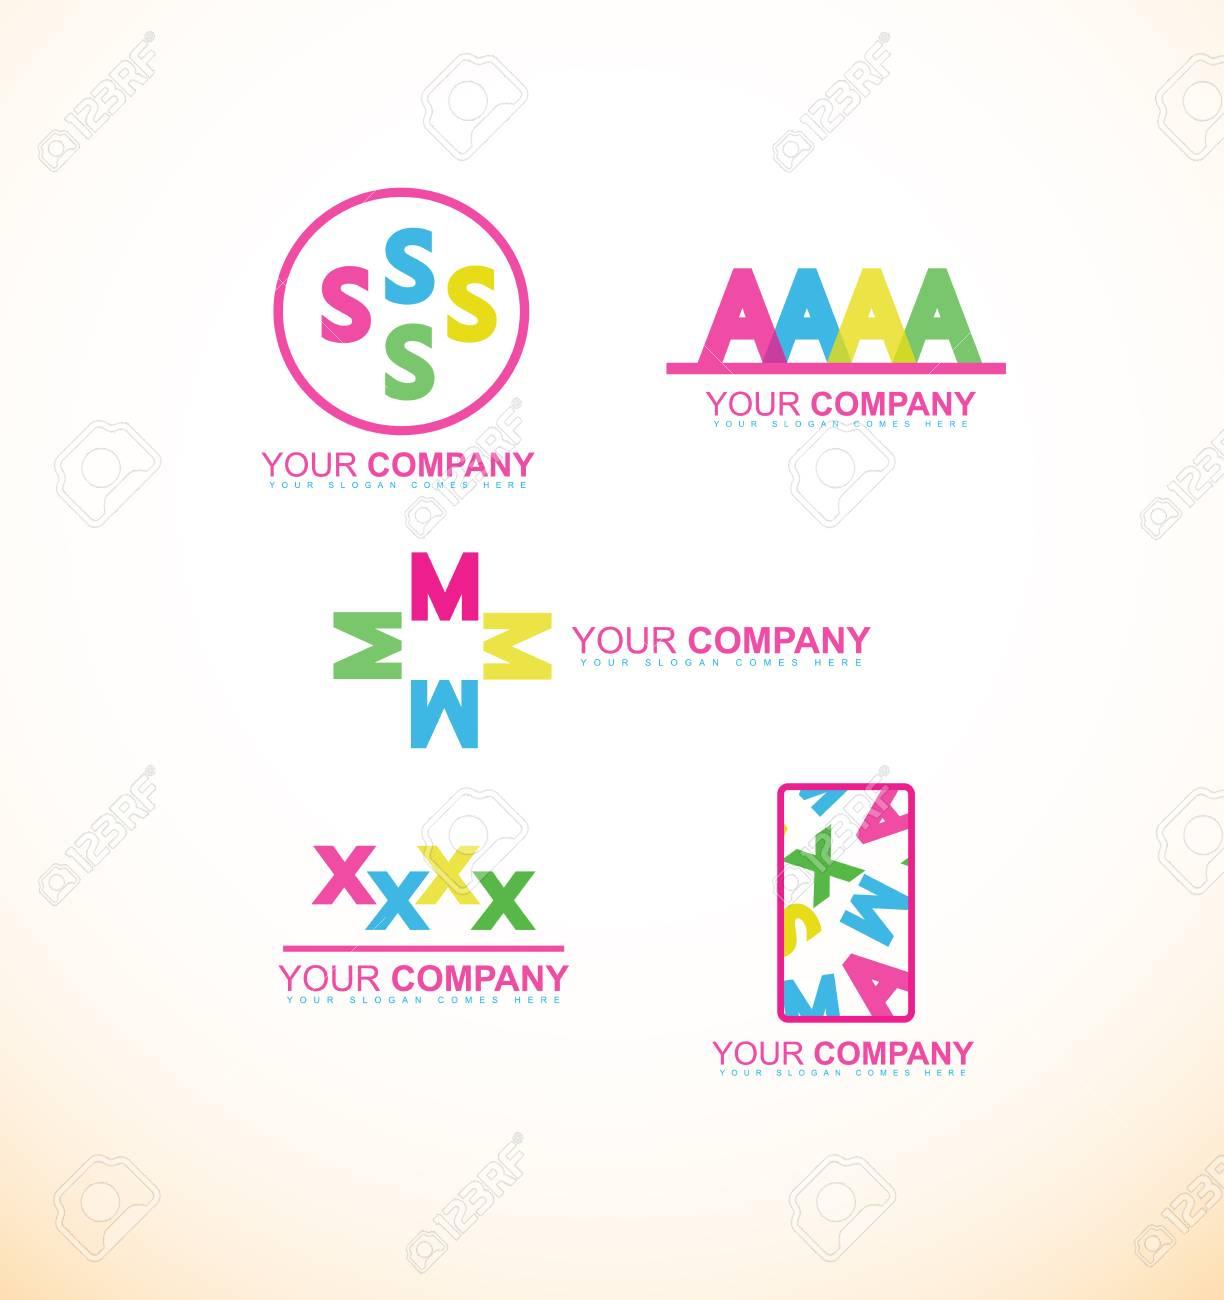 Logo Icône Modèle De Lettre D'élément Alphabet Ensemble Plat Smax concernant Modele De Lettre Alphabet